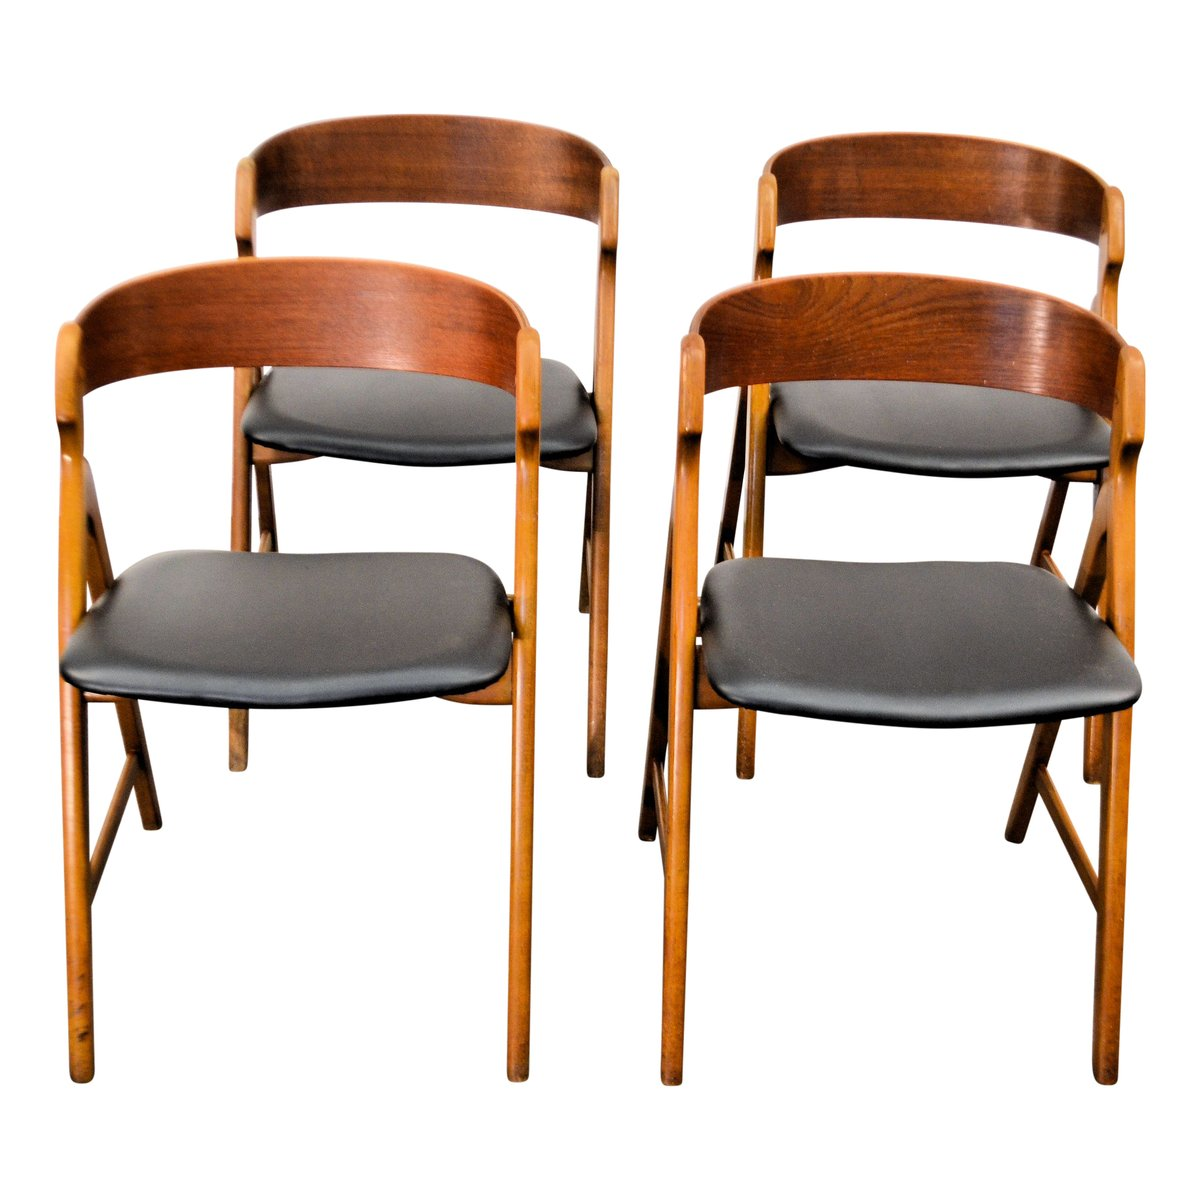 vintage holz esszimmerst hle von henning kjaernulf f r. Black Bedroom Furniture Sets. Home Design Ideas